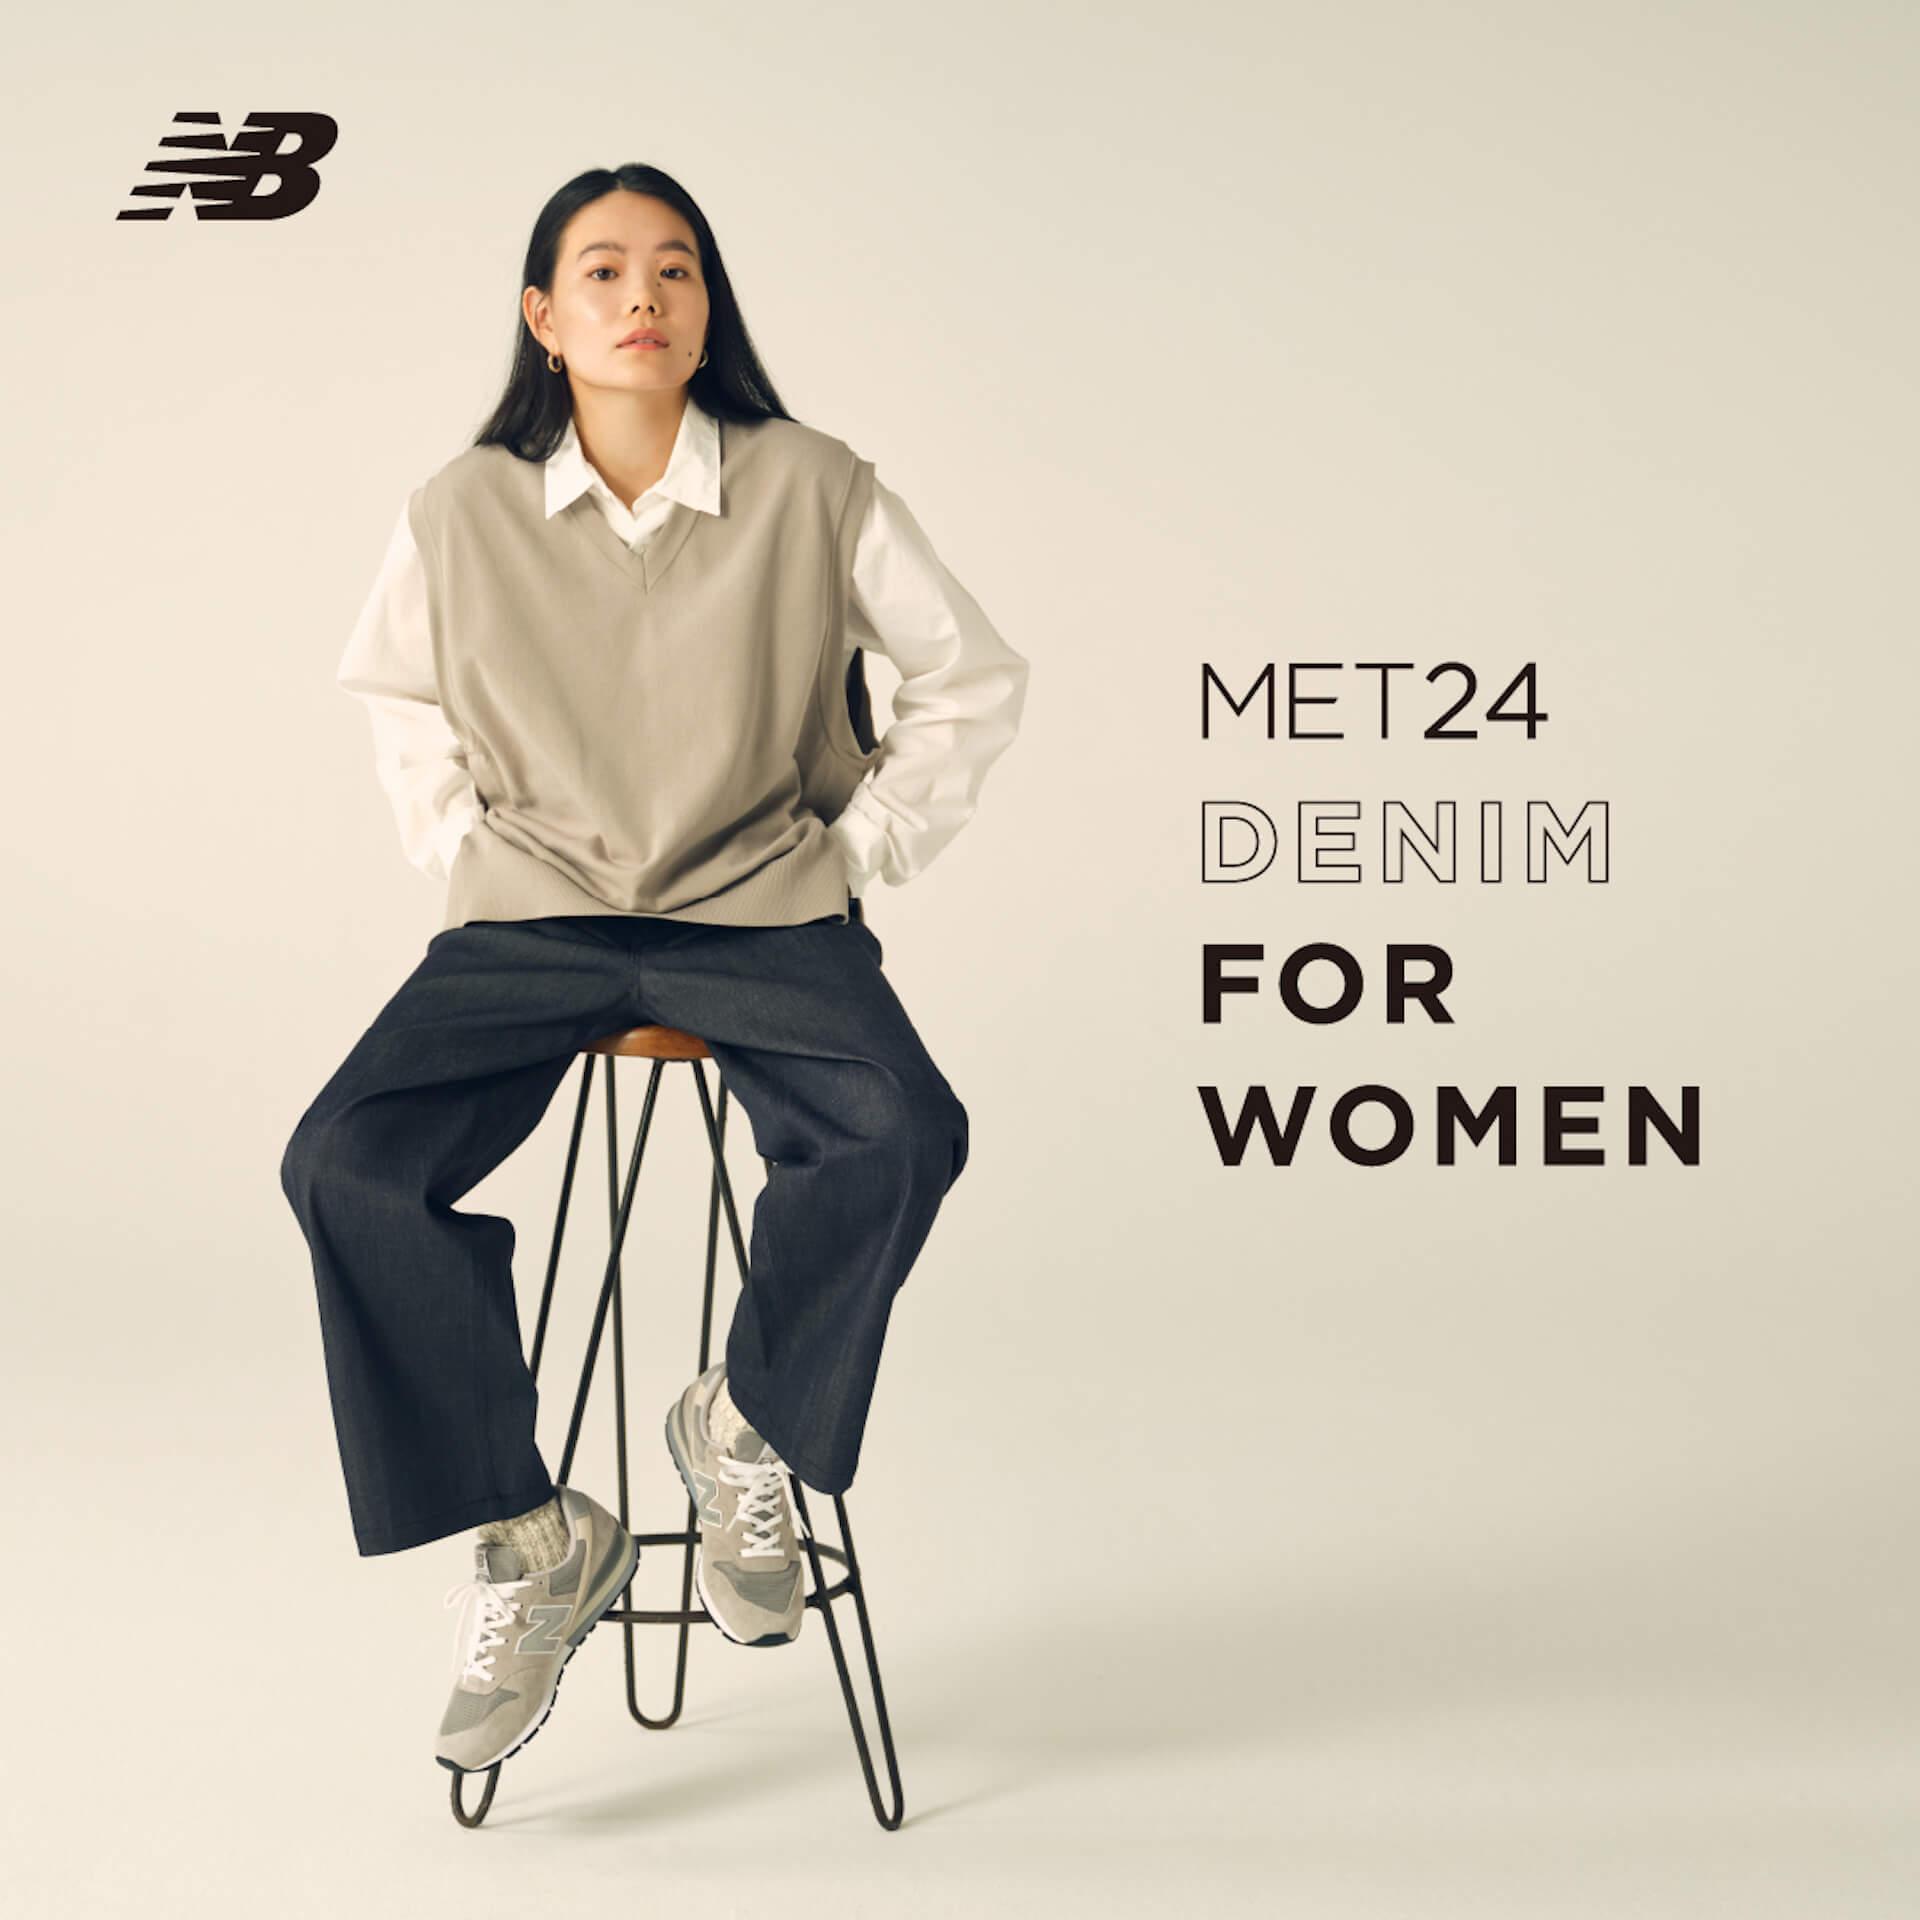 ニューバランスによるデニムパンツ「MET24 DENIM」にウィメンズ3シルエットが登場! life210909_newbalance_denim_2